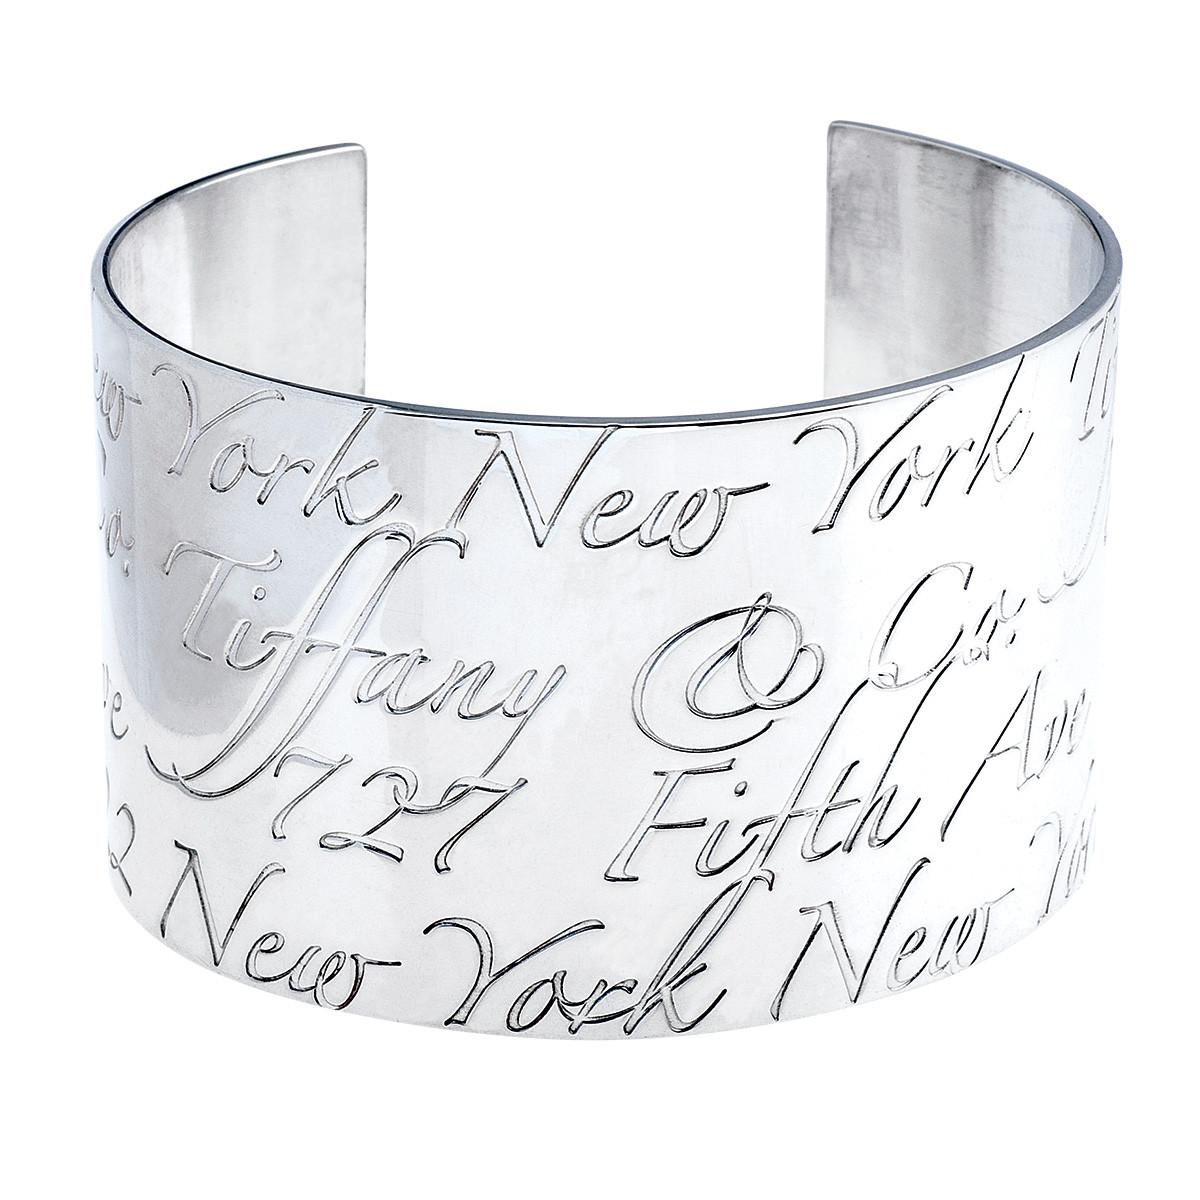 dd47effcc6979 Vintage Tiffany & Co. Notes Wide Cuff Bracelet